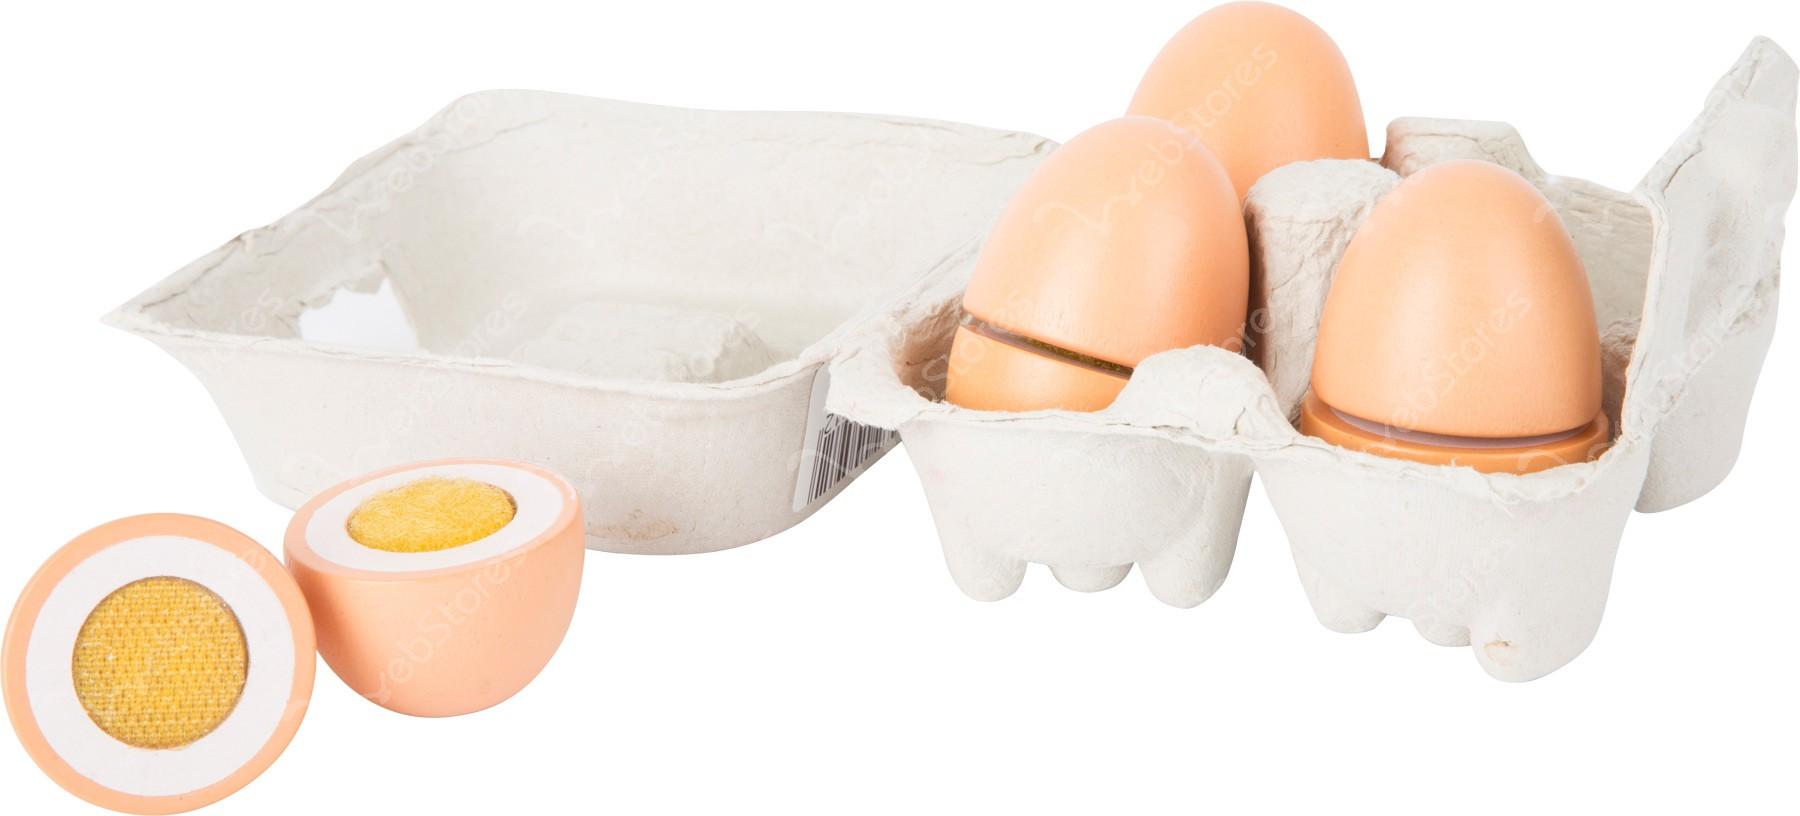 Hovězí Na Smetaně Alá Svíčková S Karlovarským Knedlíkem, Vajíčka